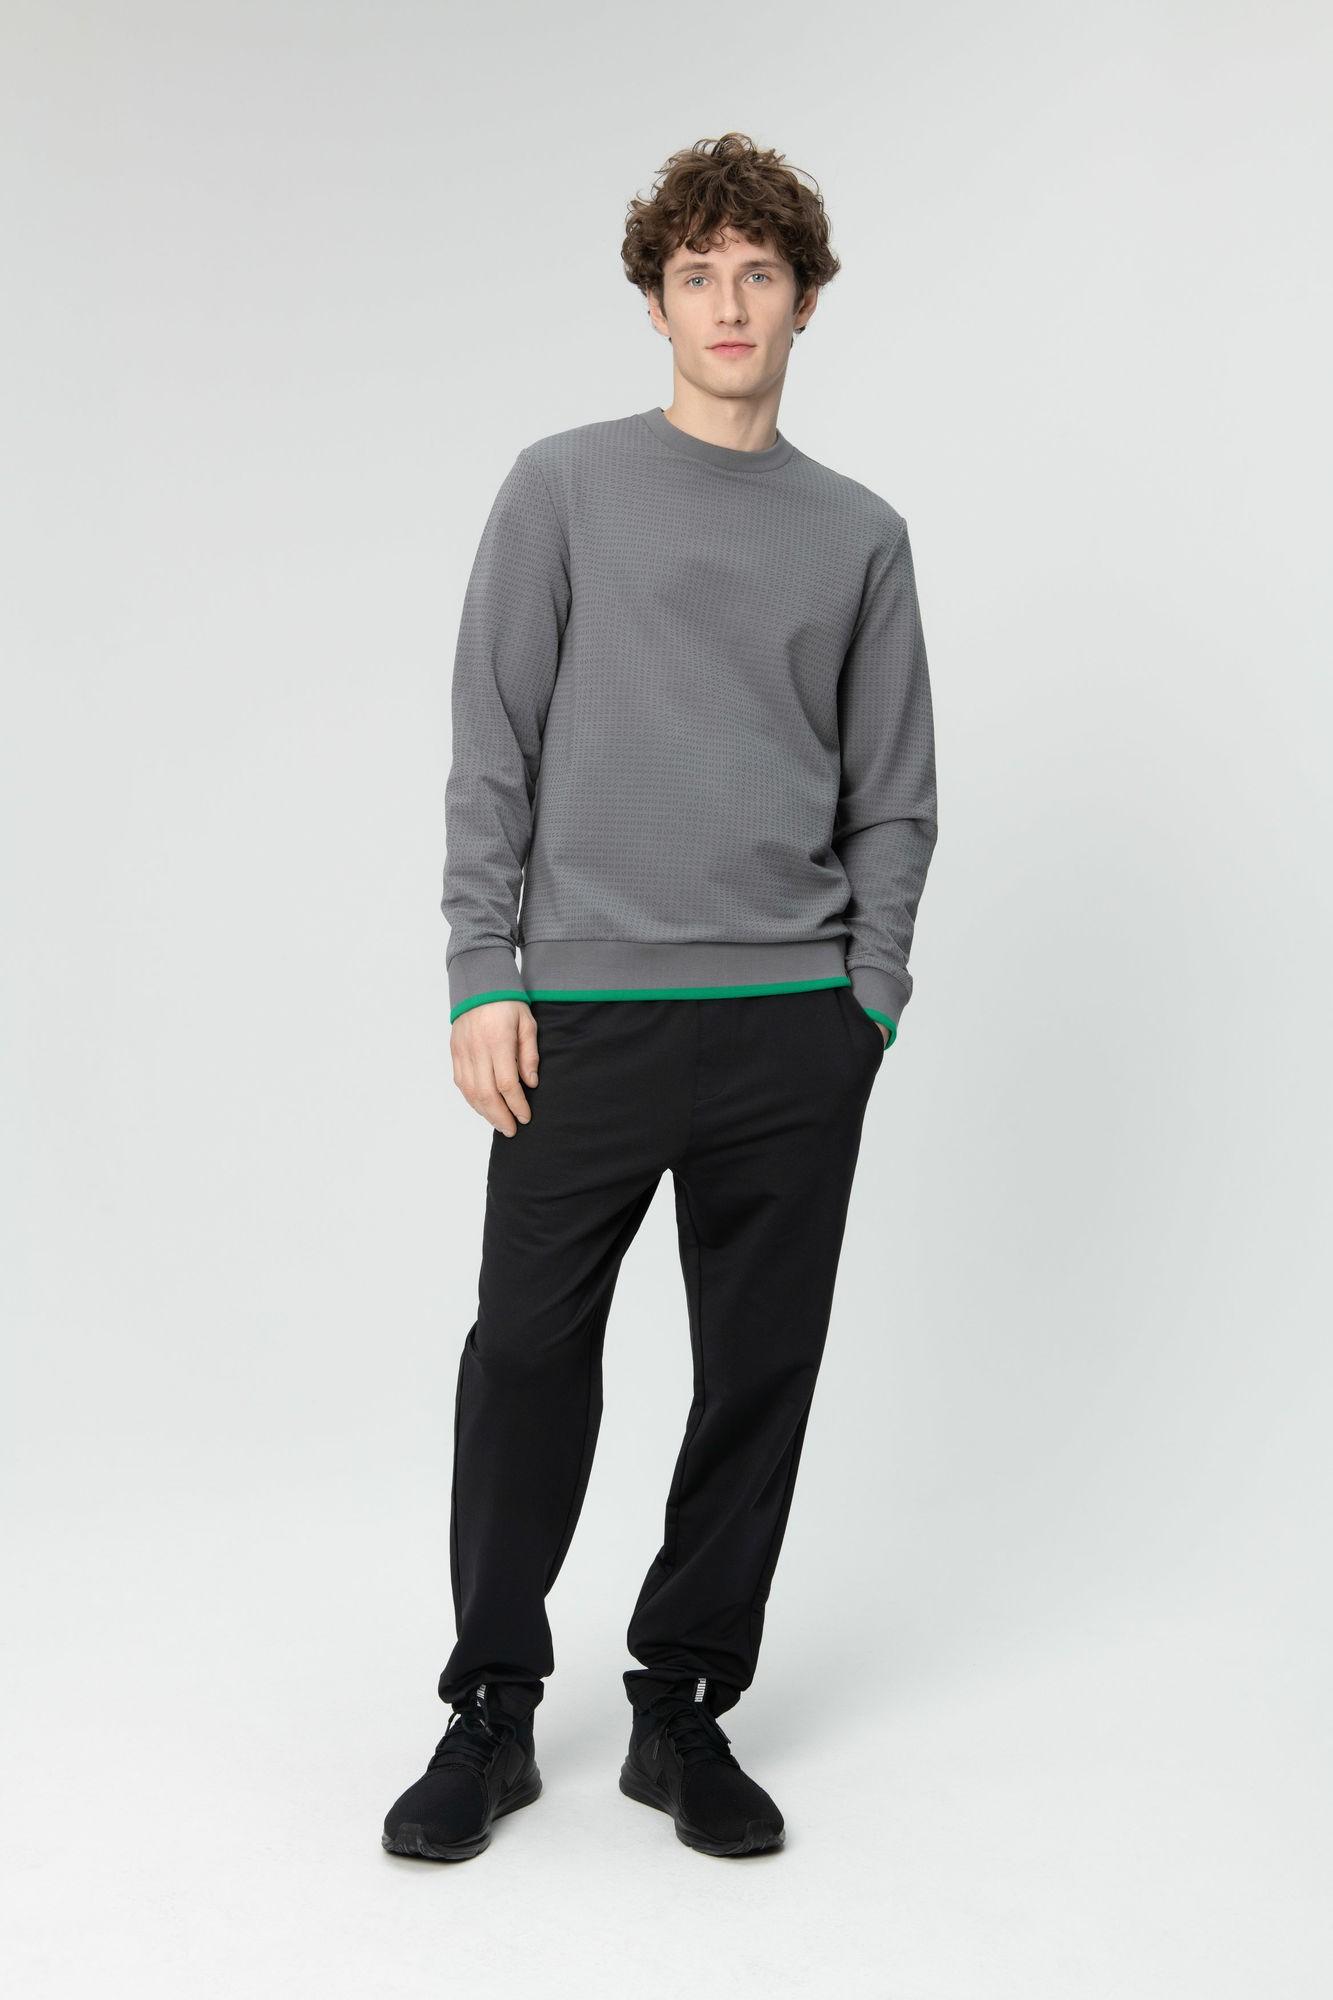 AUDIMAS Medvilnės TERRY trikotažo džemp. 20LT-409 Quiet Shade XL